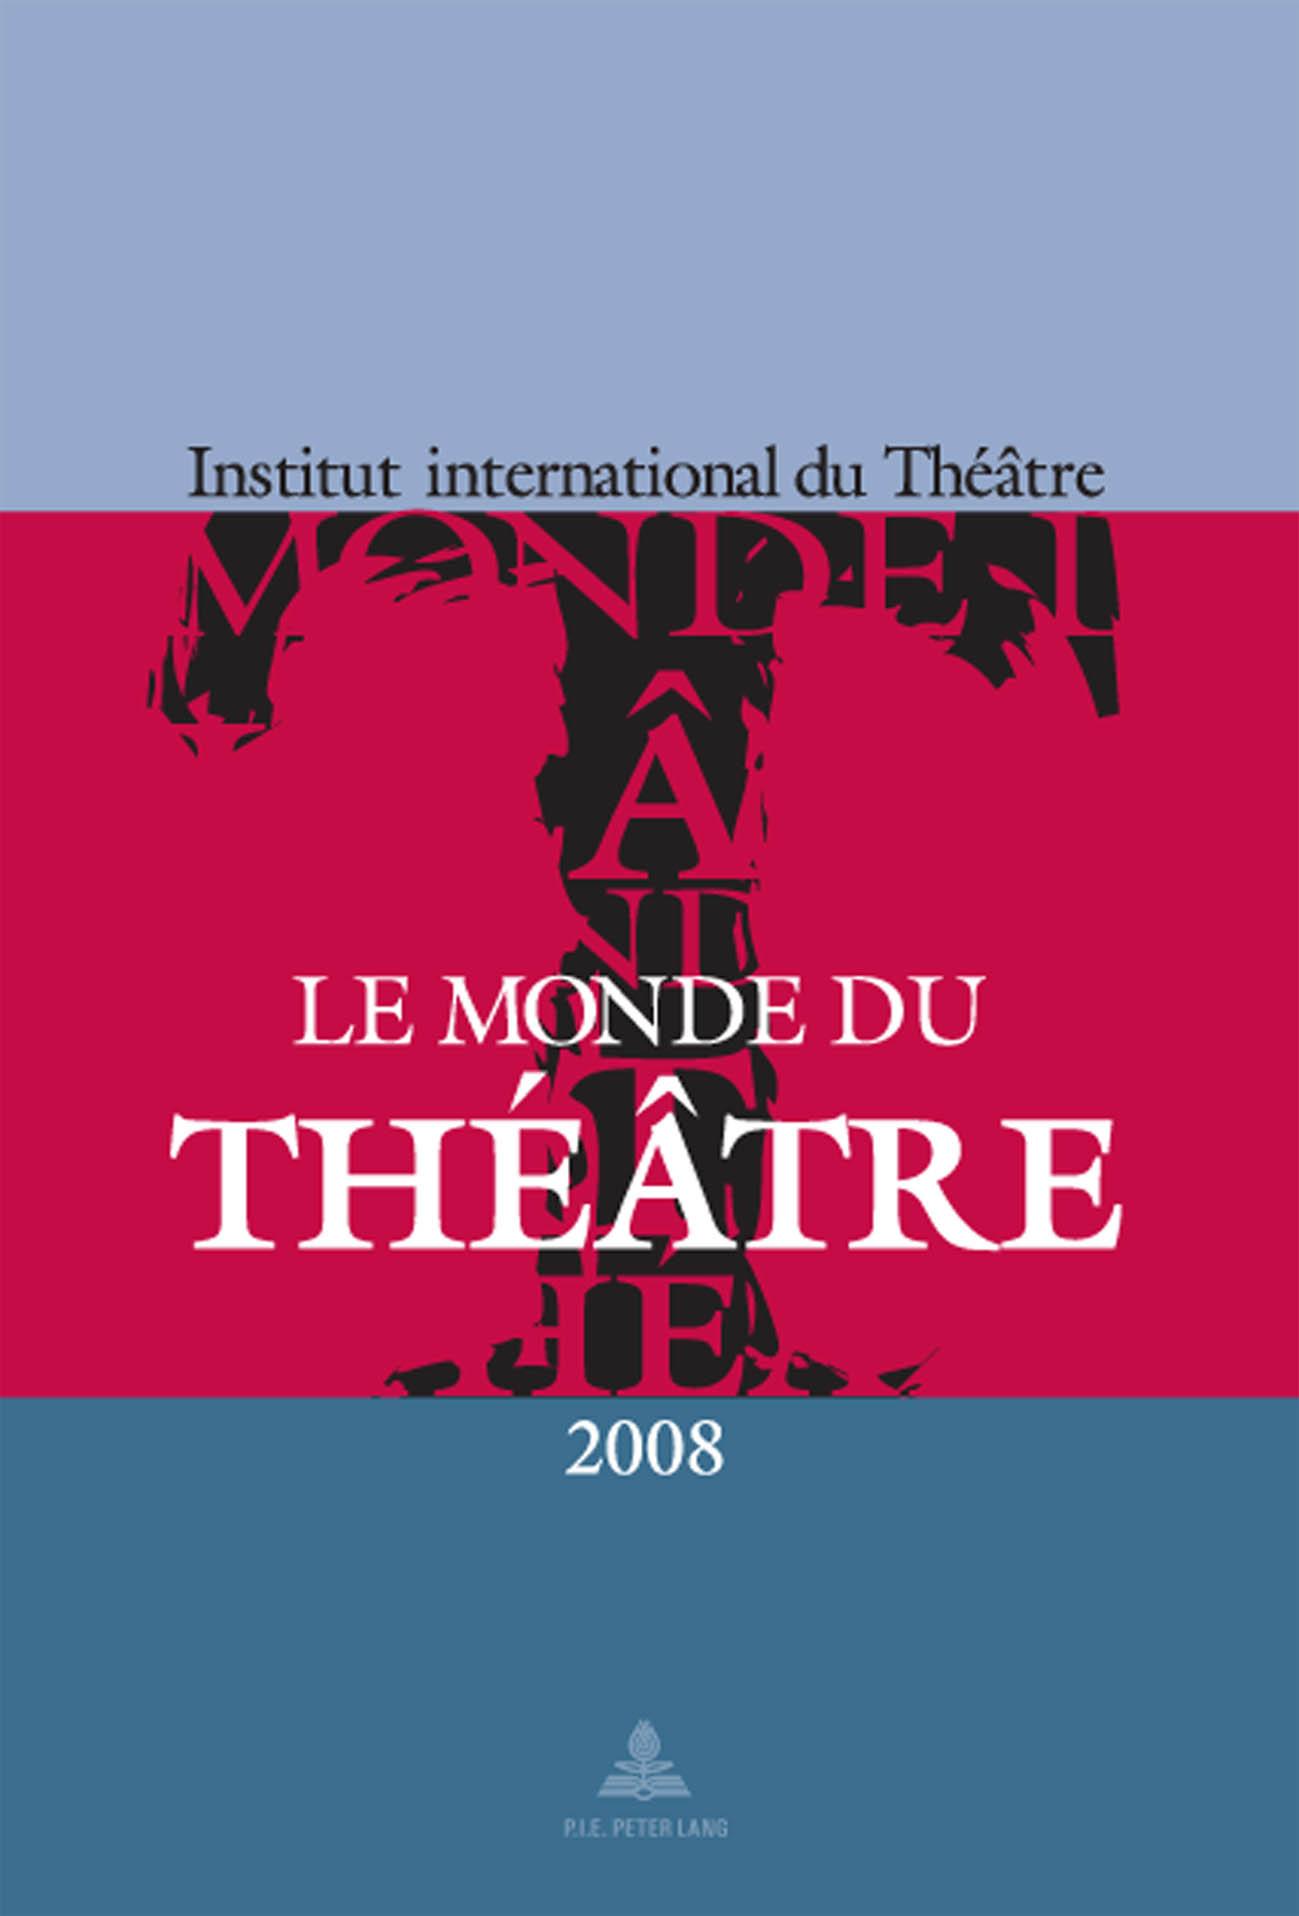 LE MONDE DU THEATRE EDITION 2008